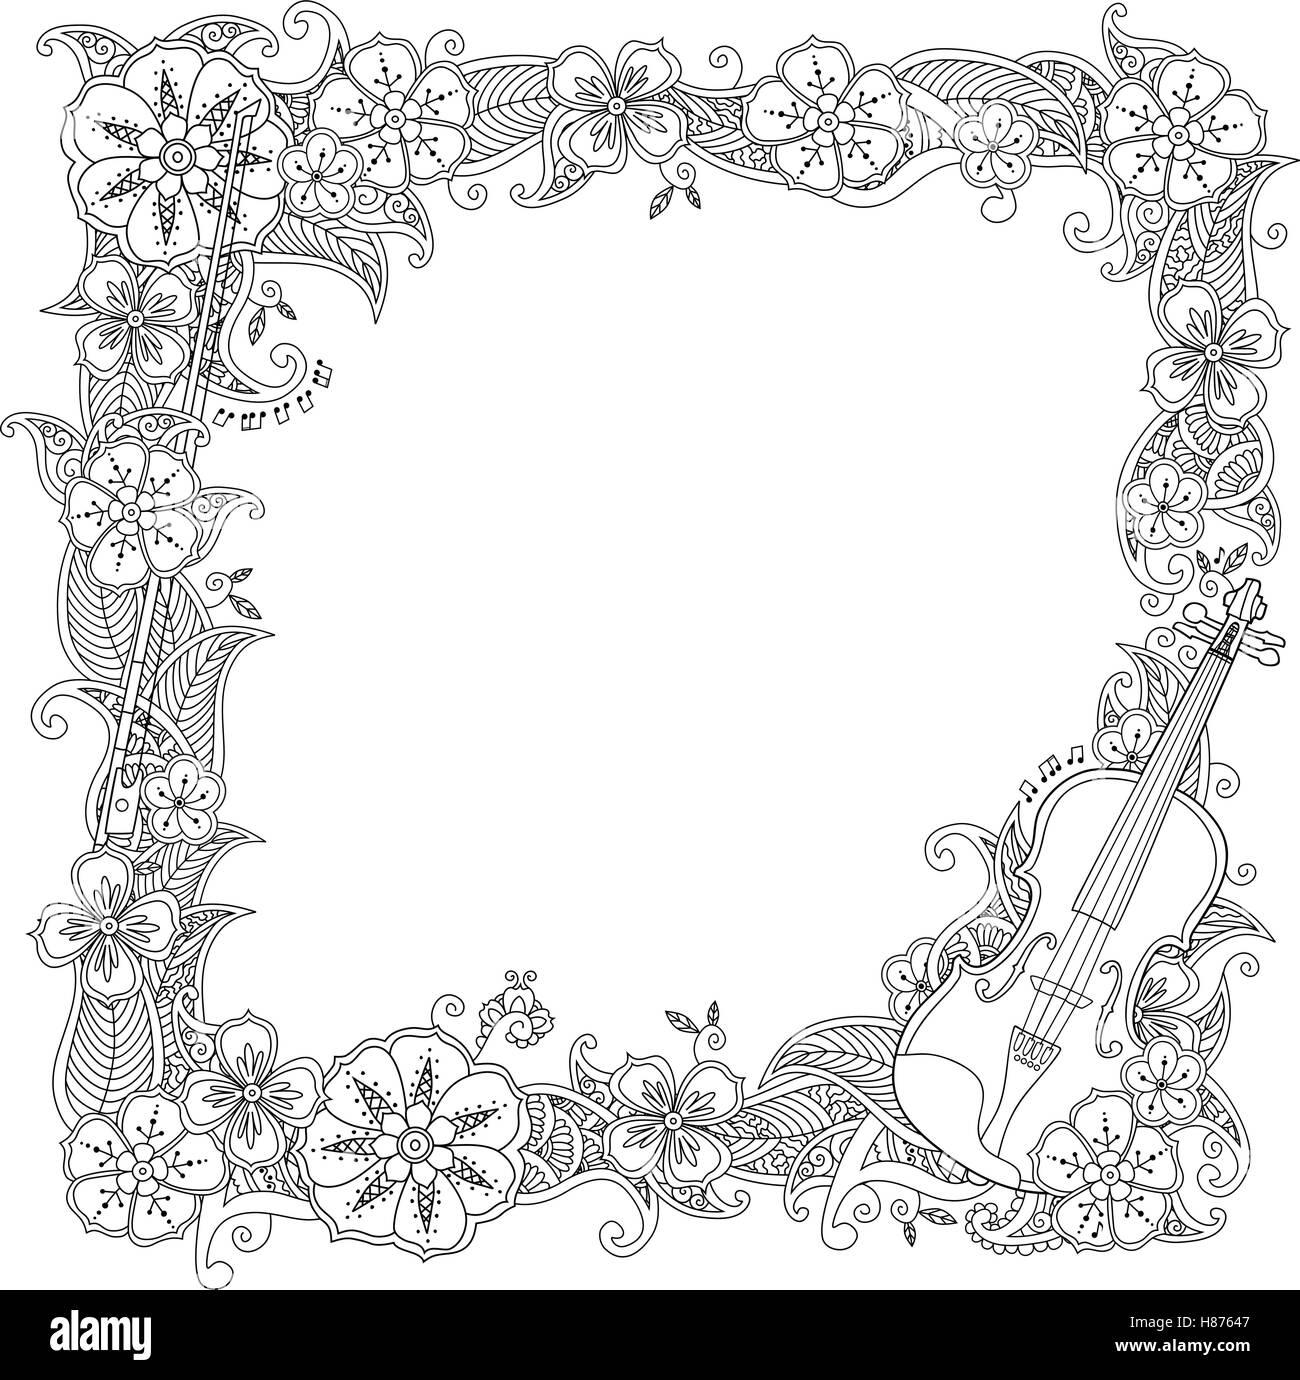 Página para colorear - Frontera, bastidor cuadrado con violín ...